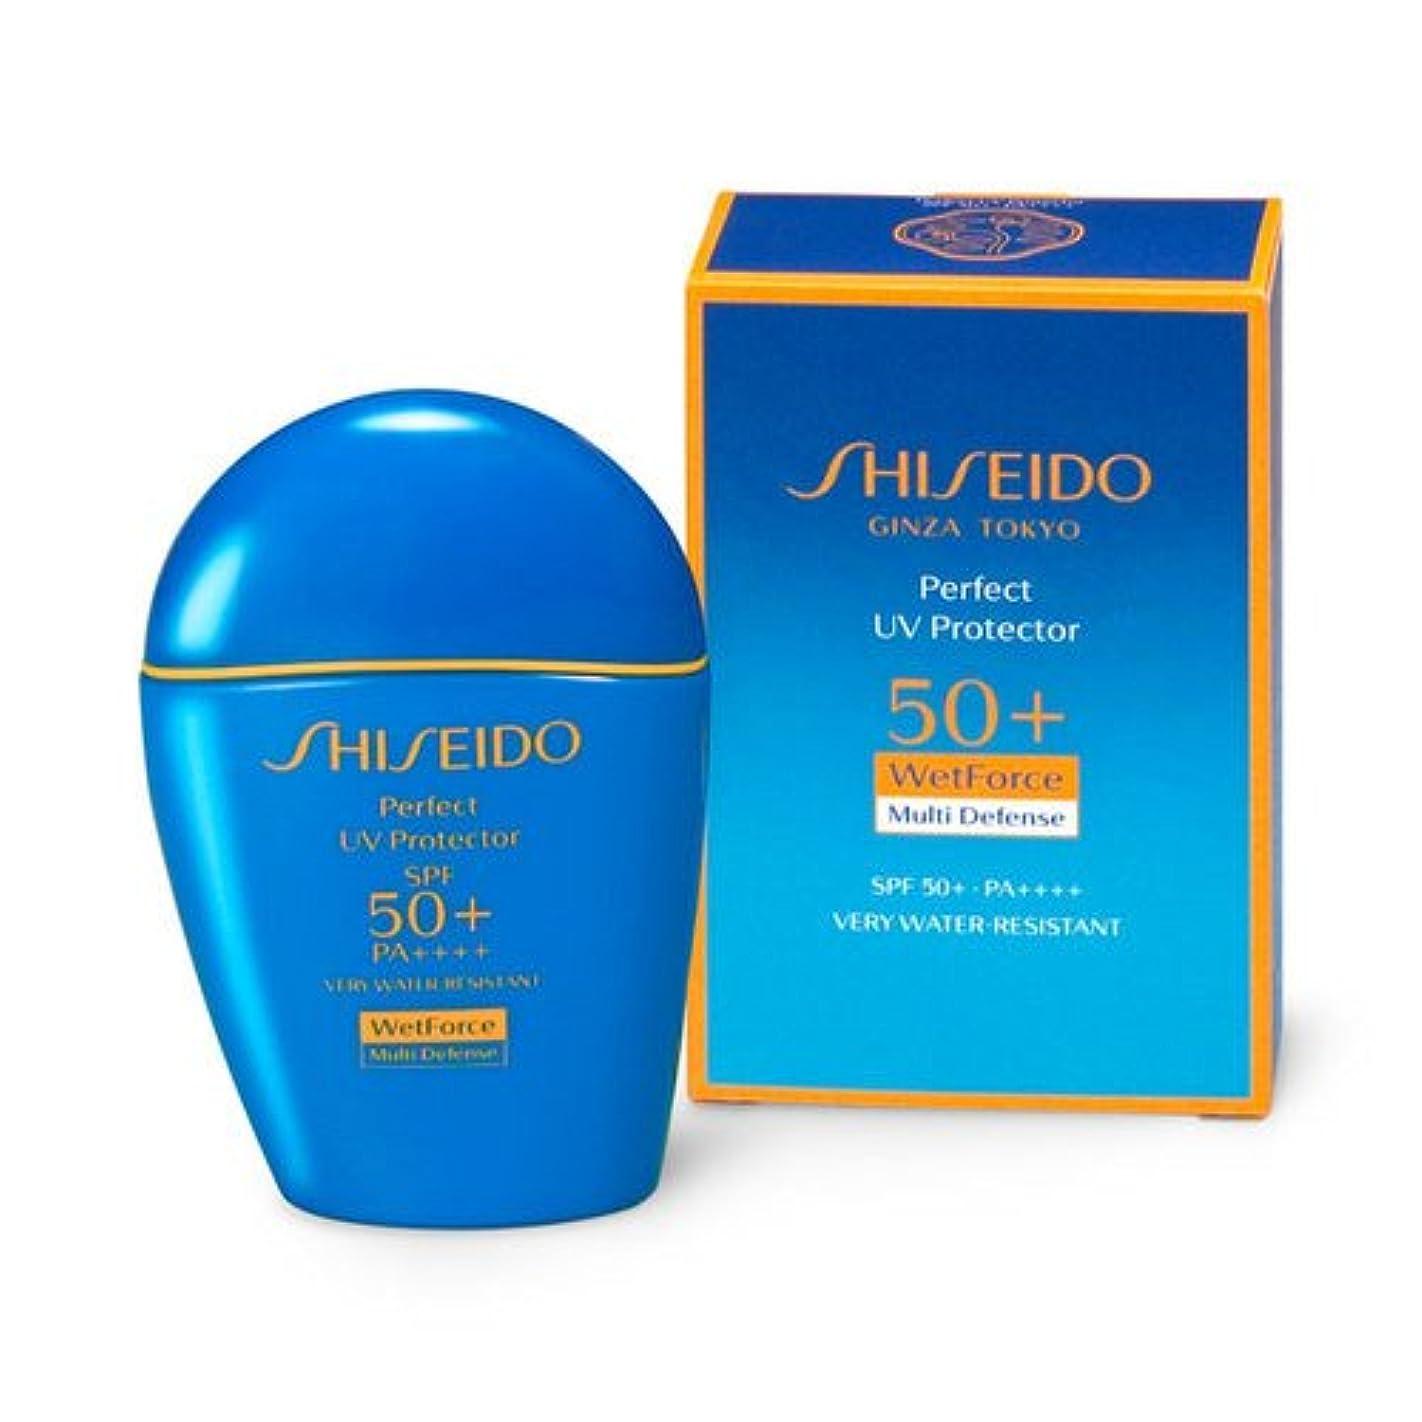 良いトロイの木馬リッチSHISEIDO Suncare(資生堂 サンケア) SHISEIDO(資生堂) パーフェクト UVプロテクター 50mL